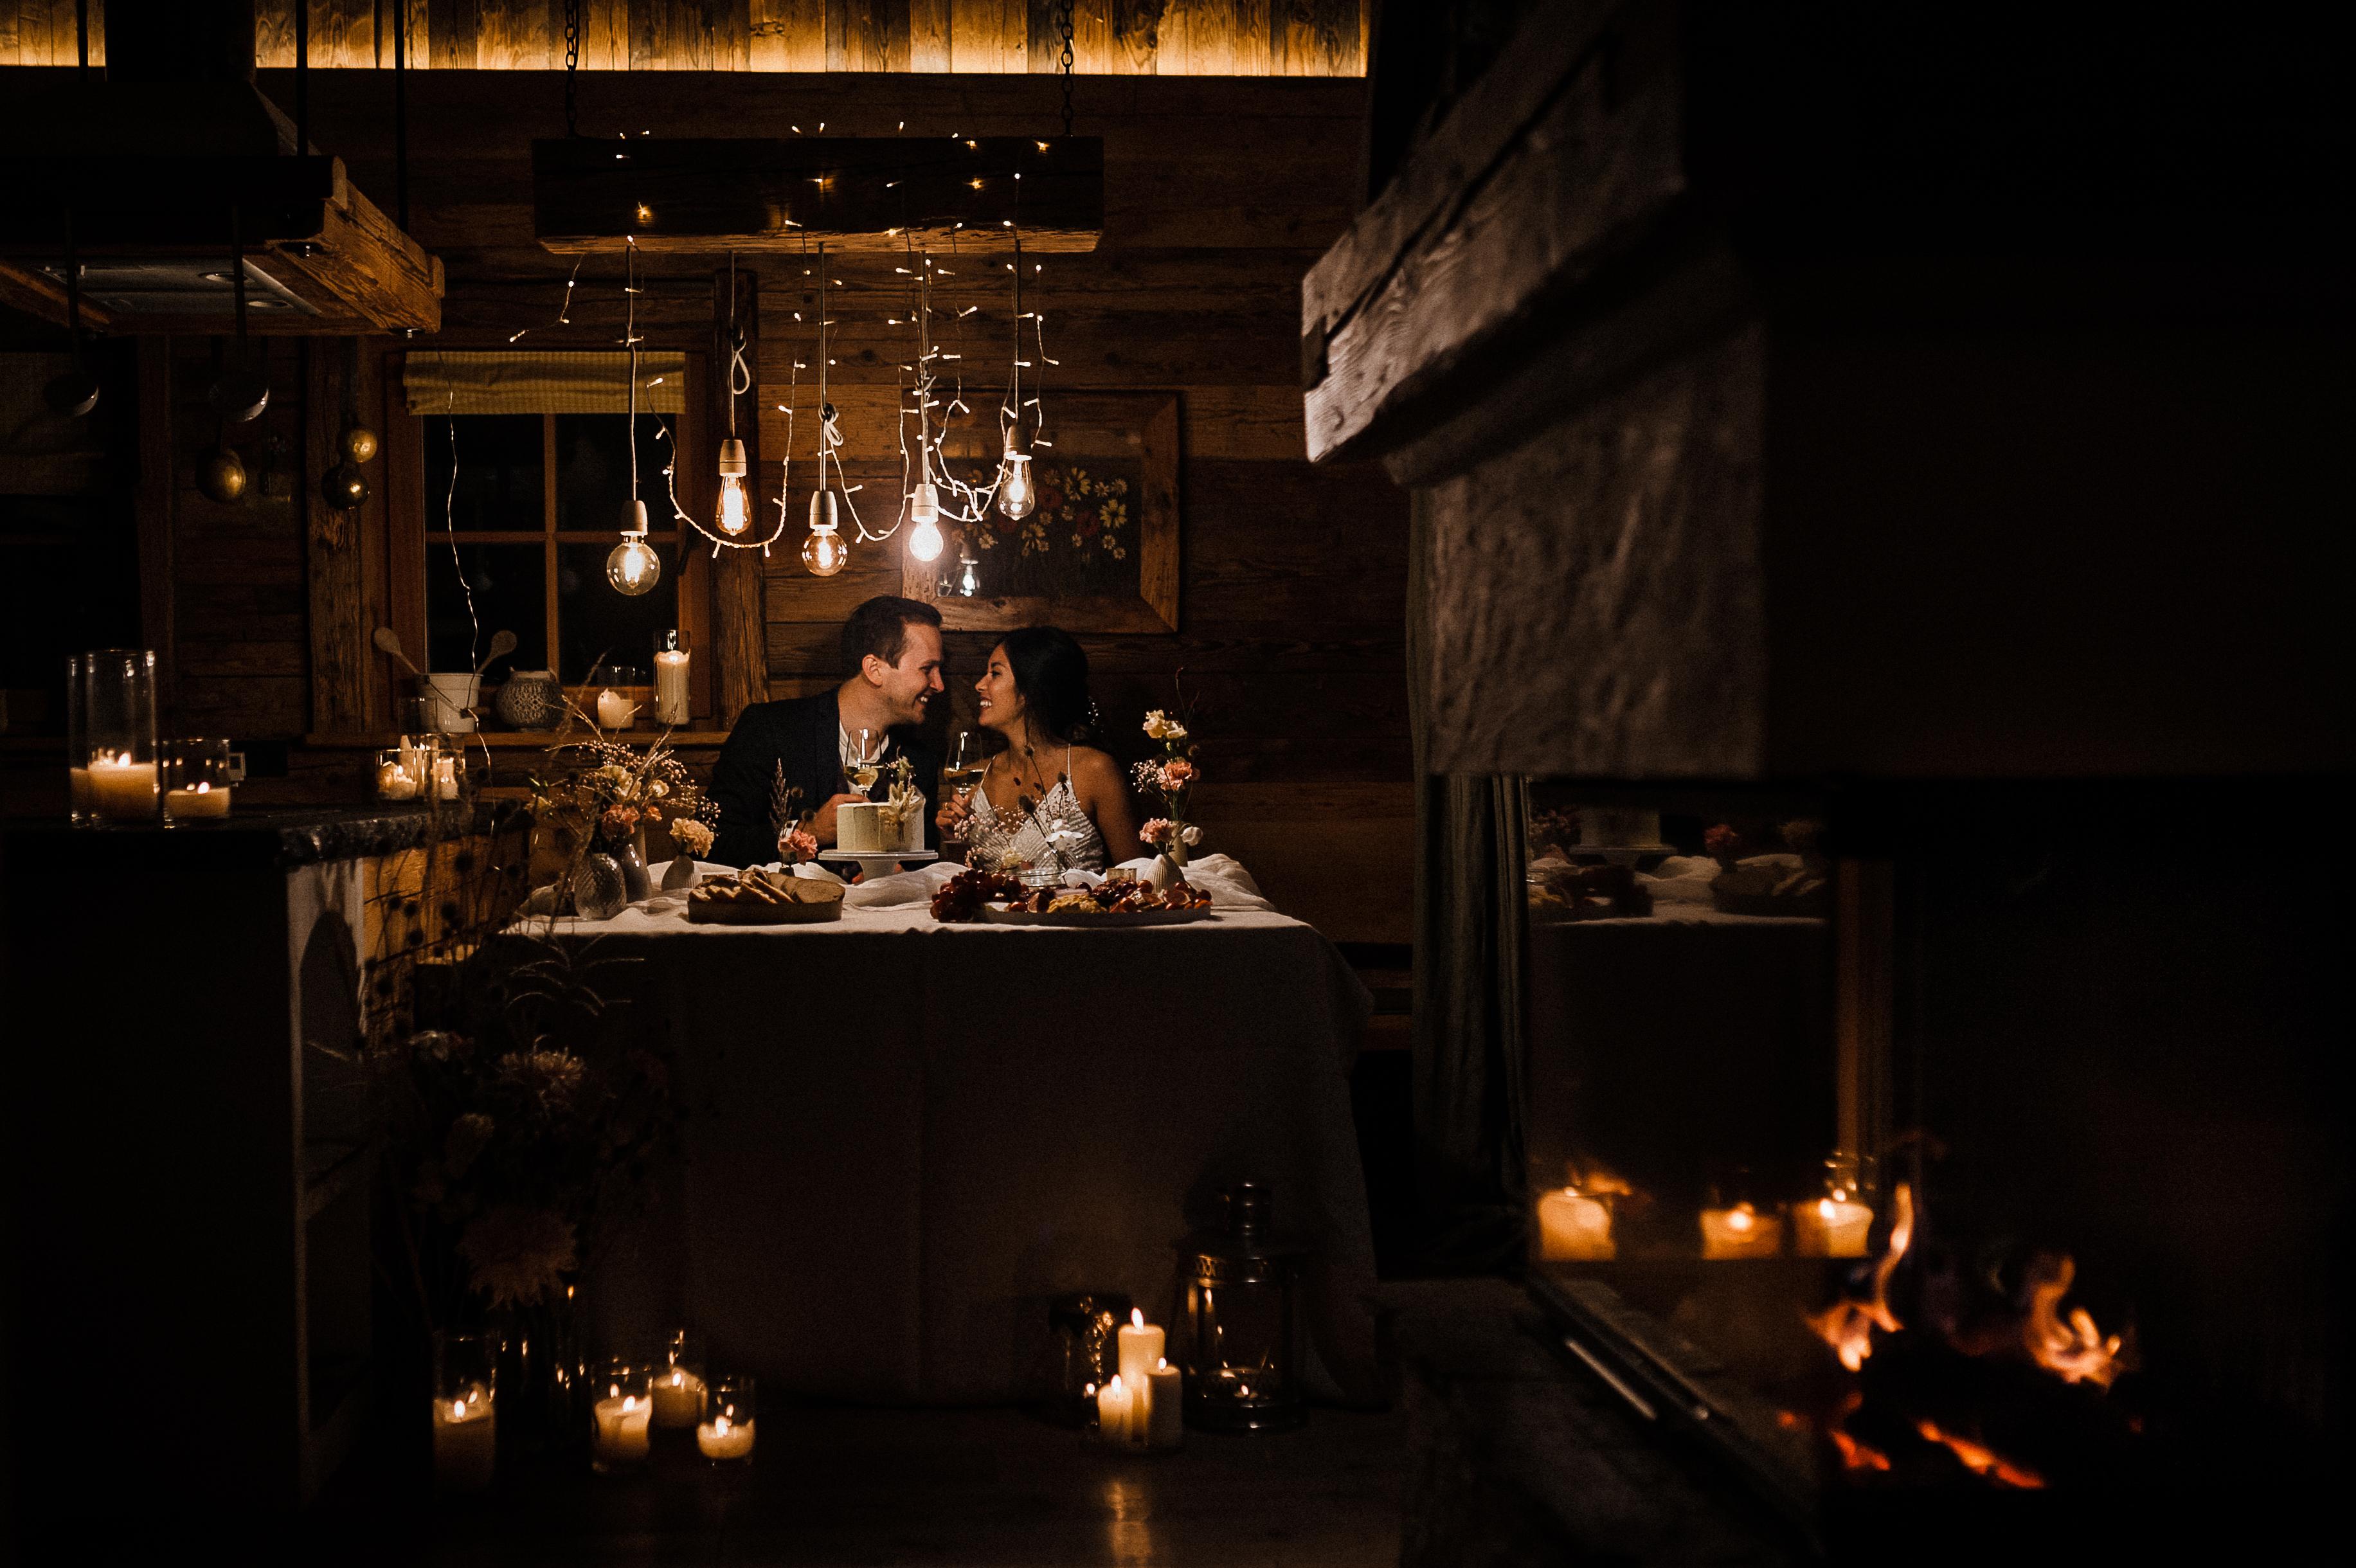 Elopement, Abend in einer wunderschönen Hütte mit Koch